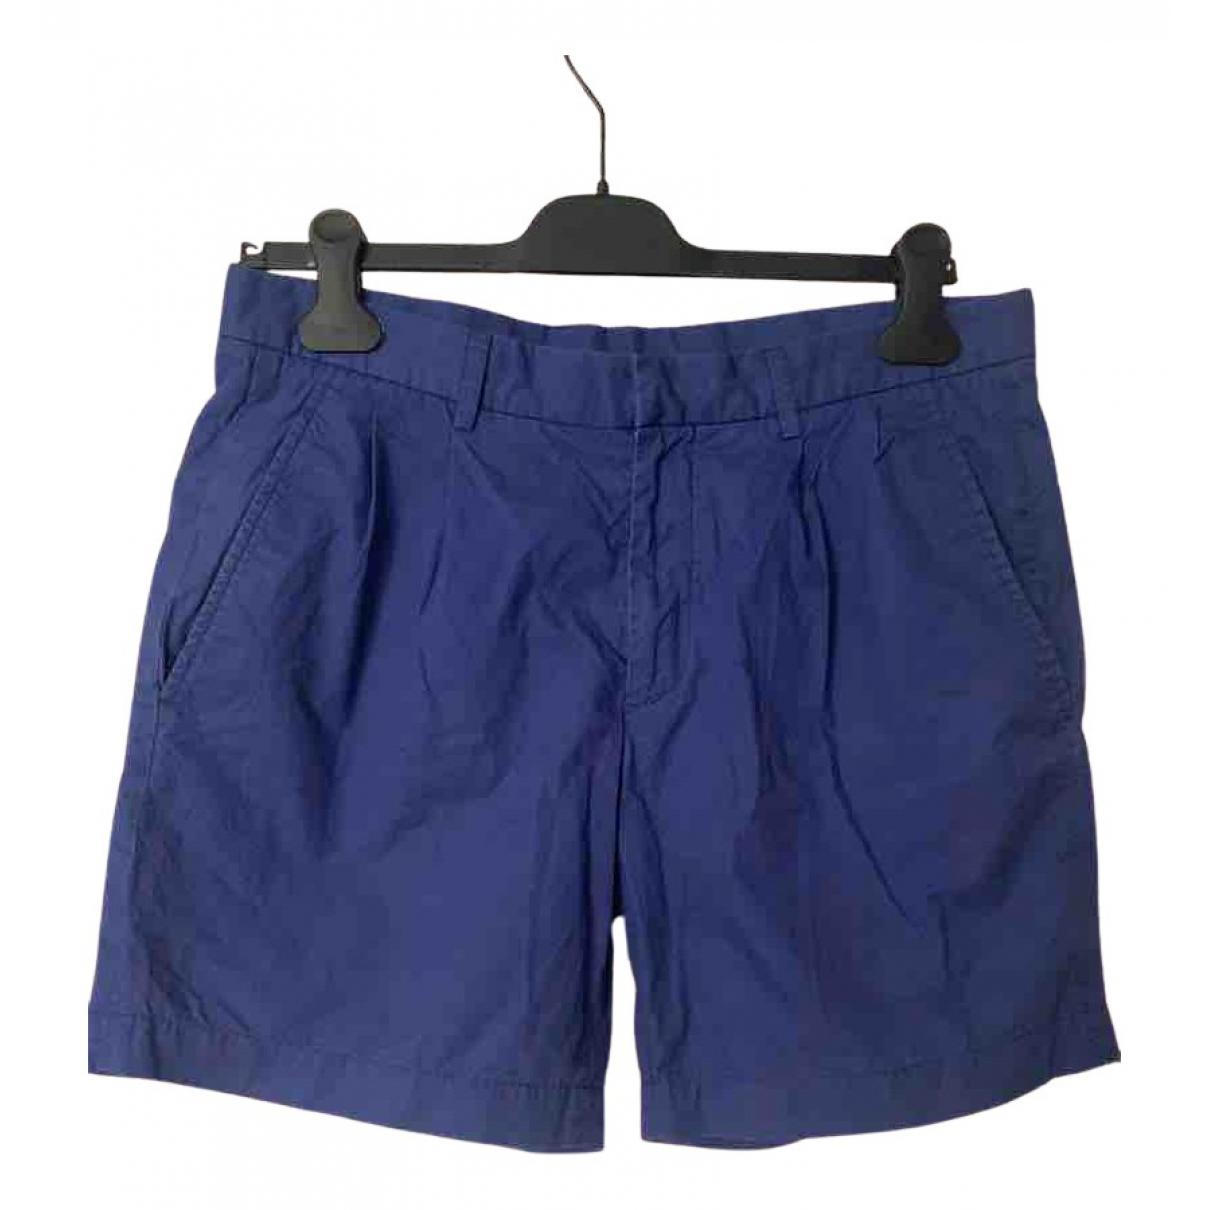 Jil Sander \N Shorts in  Blau Baumwolle